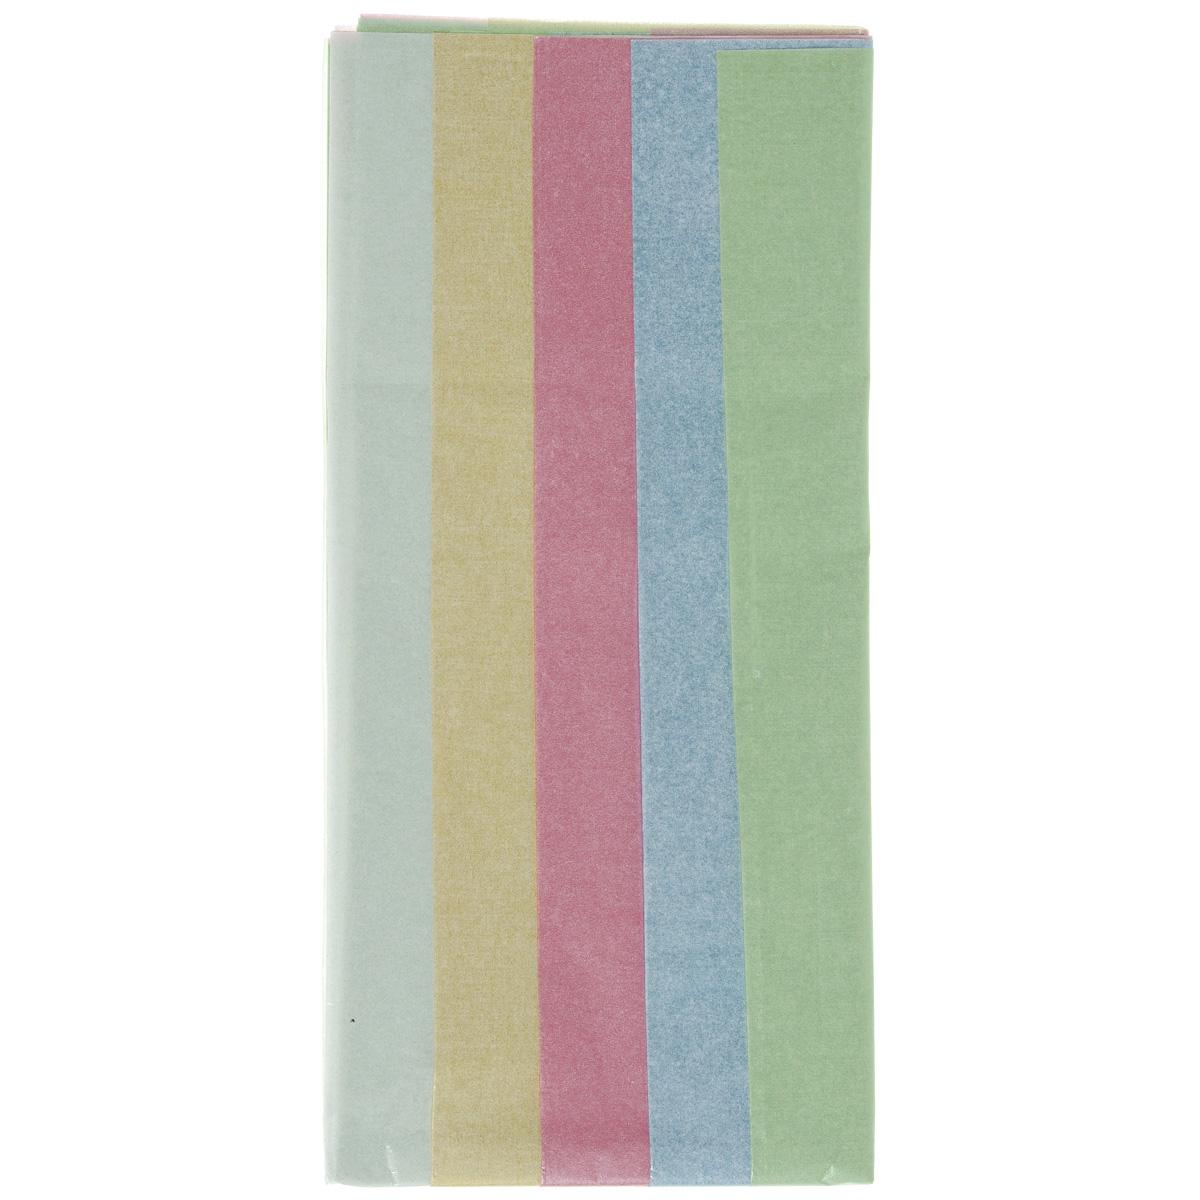 Бумага папиросная Folia, 50 см х 70 см, 5 листов. 7708133 бумага папиросная folia 50 см х 70 см 10 листов 7708130